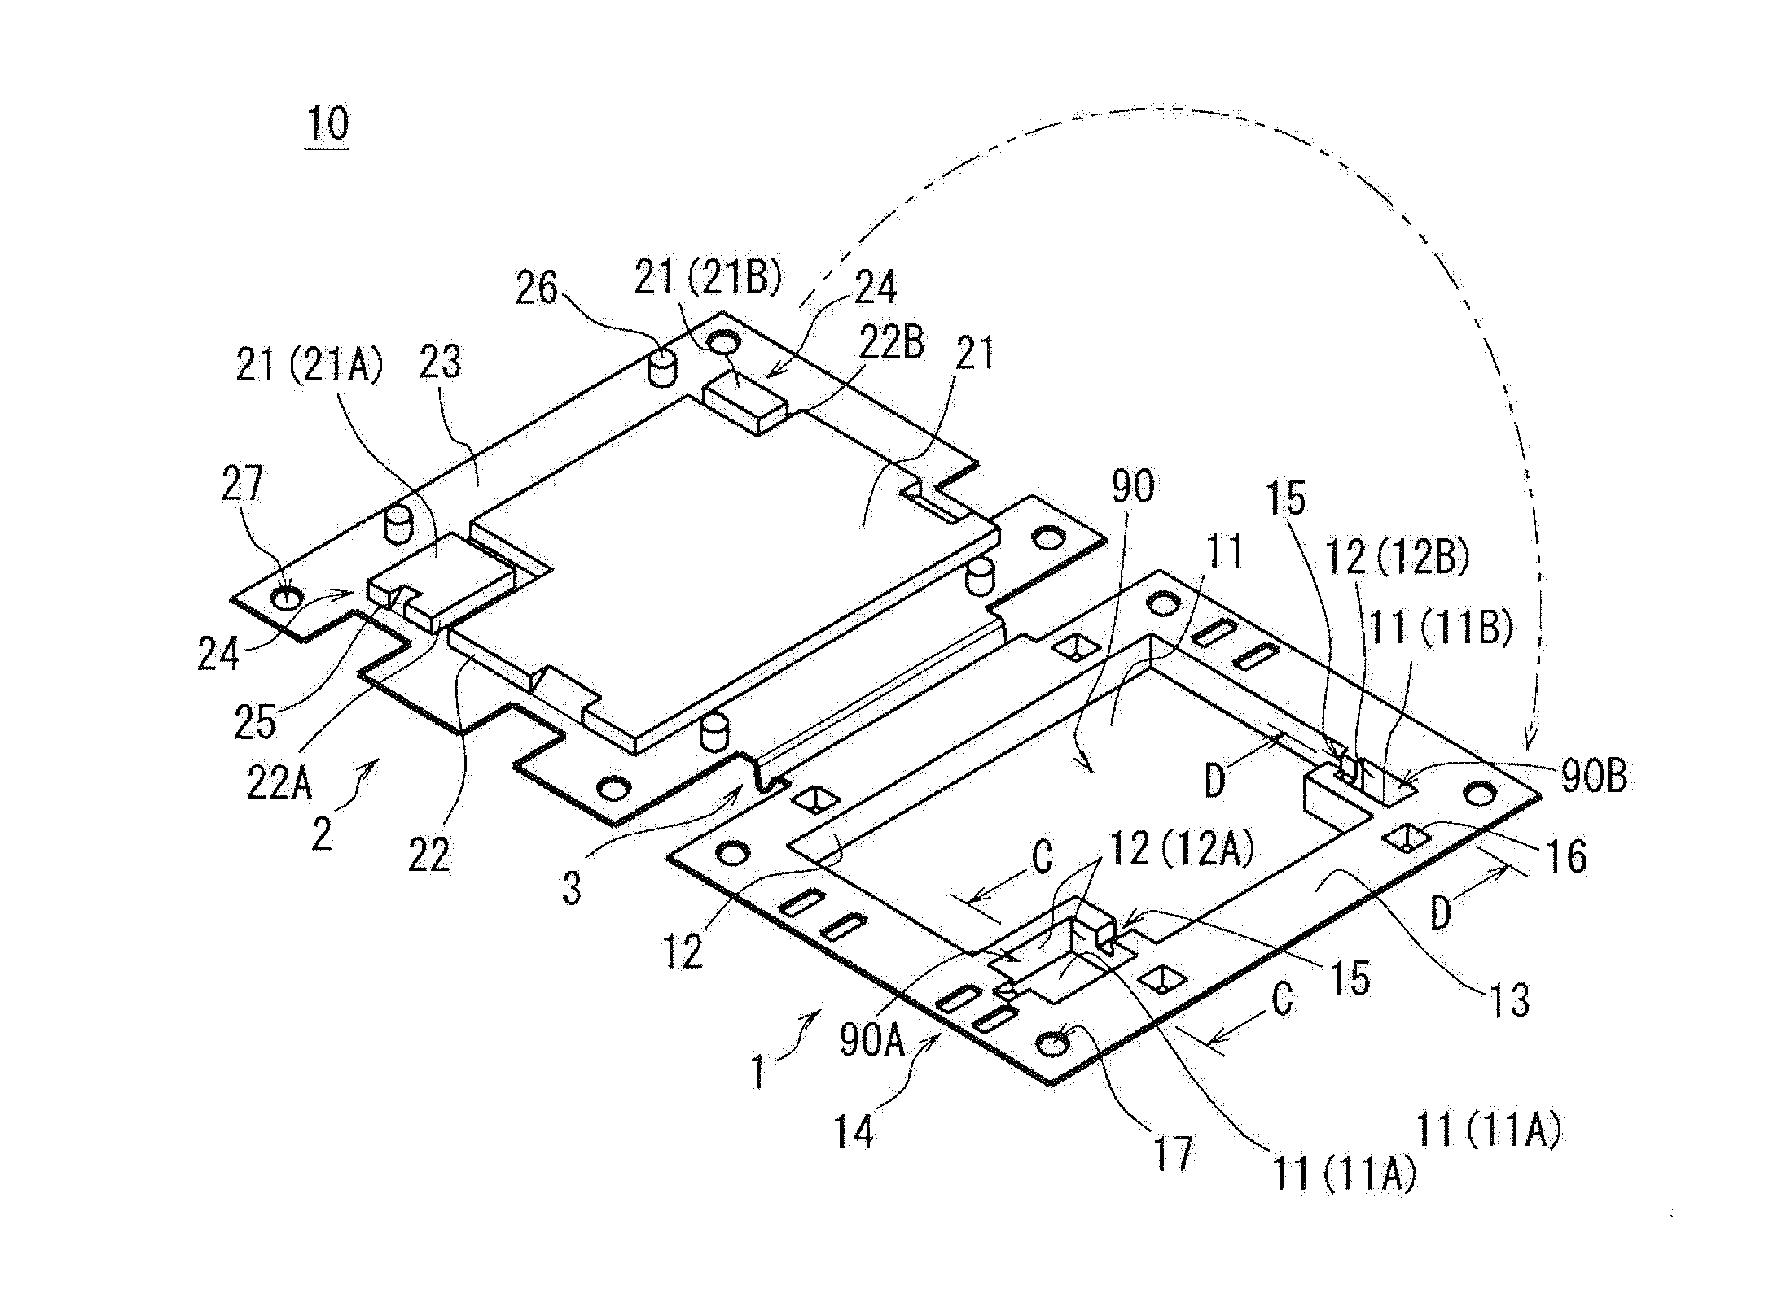 fahrenheit baseboard heaters wiring diagram  fahrenheit